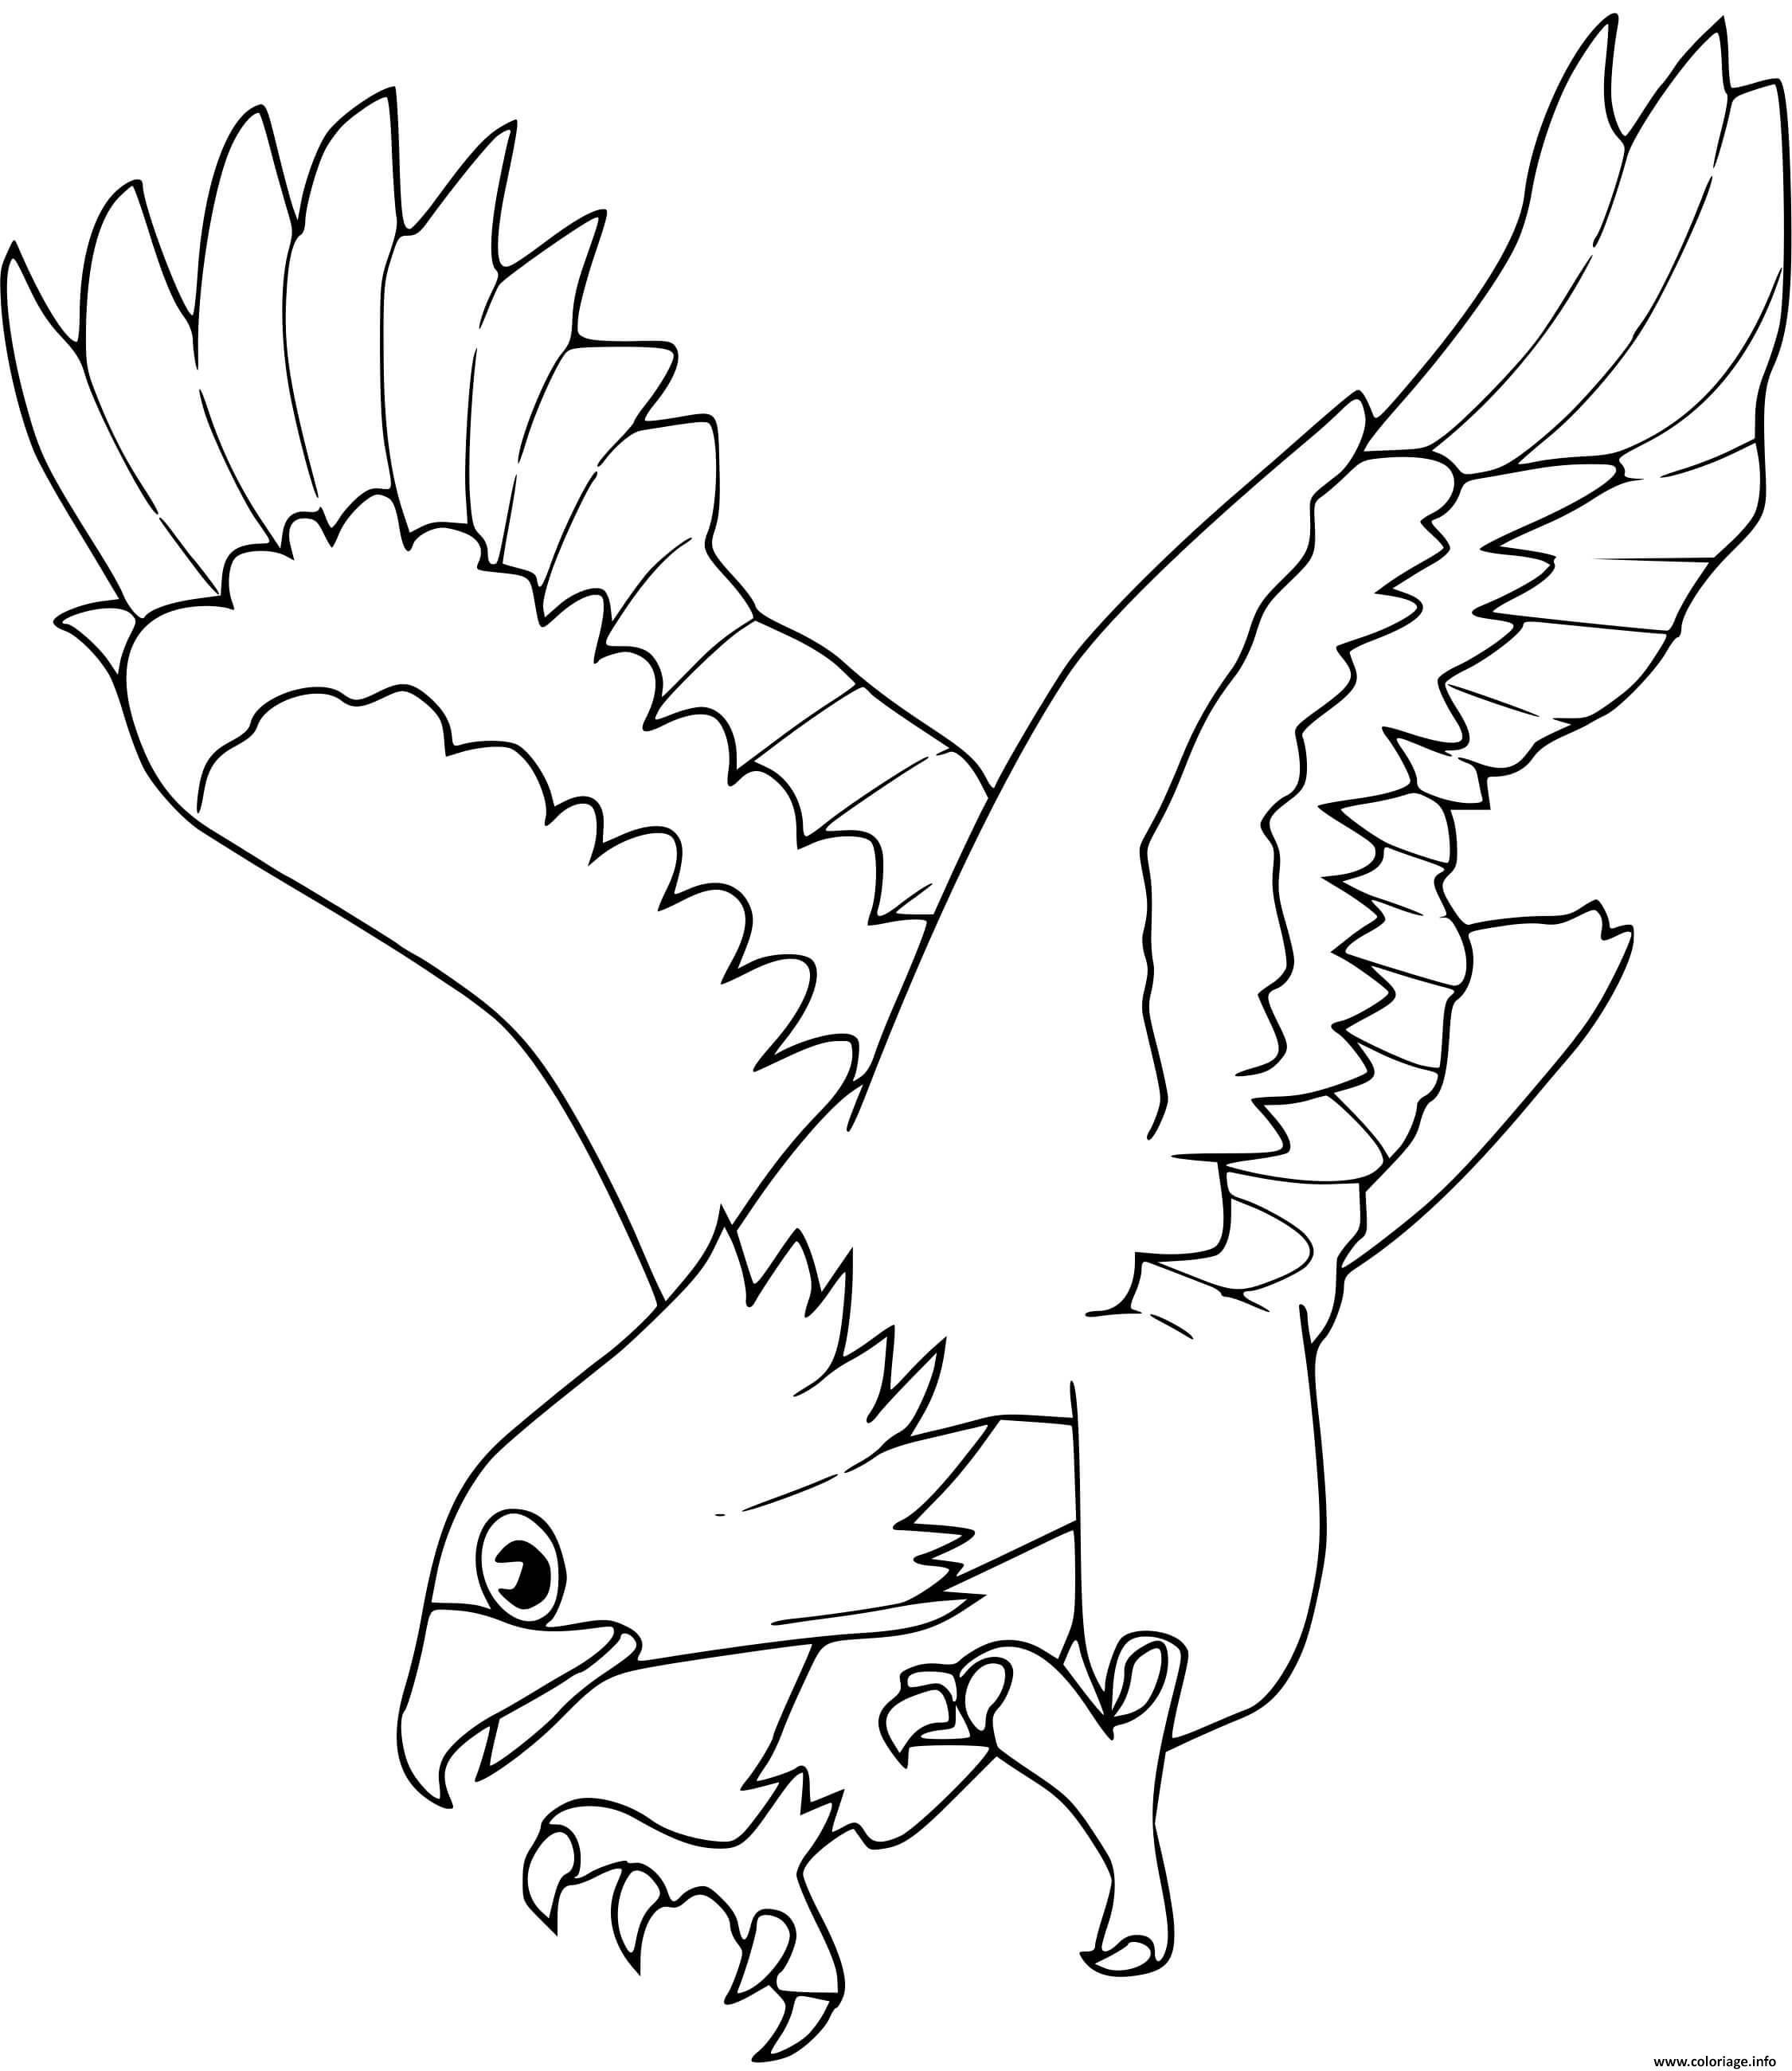 Dessin aigle Coloriage Gratuit à Imprimer